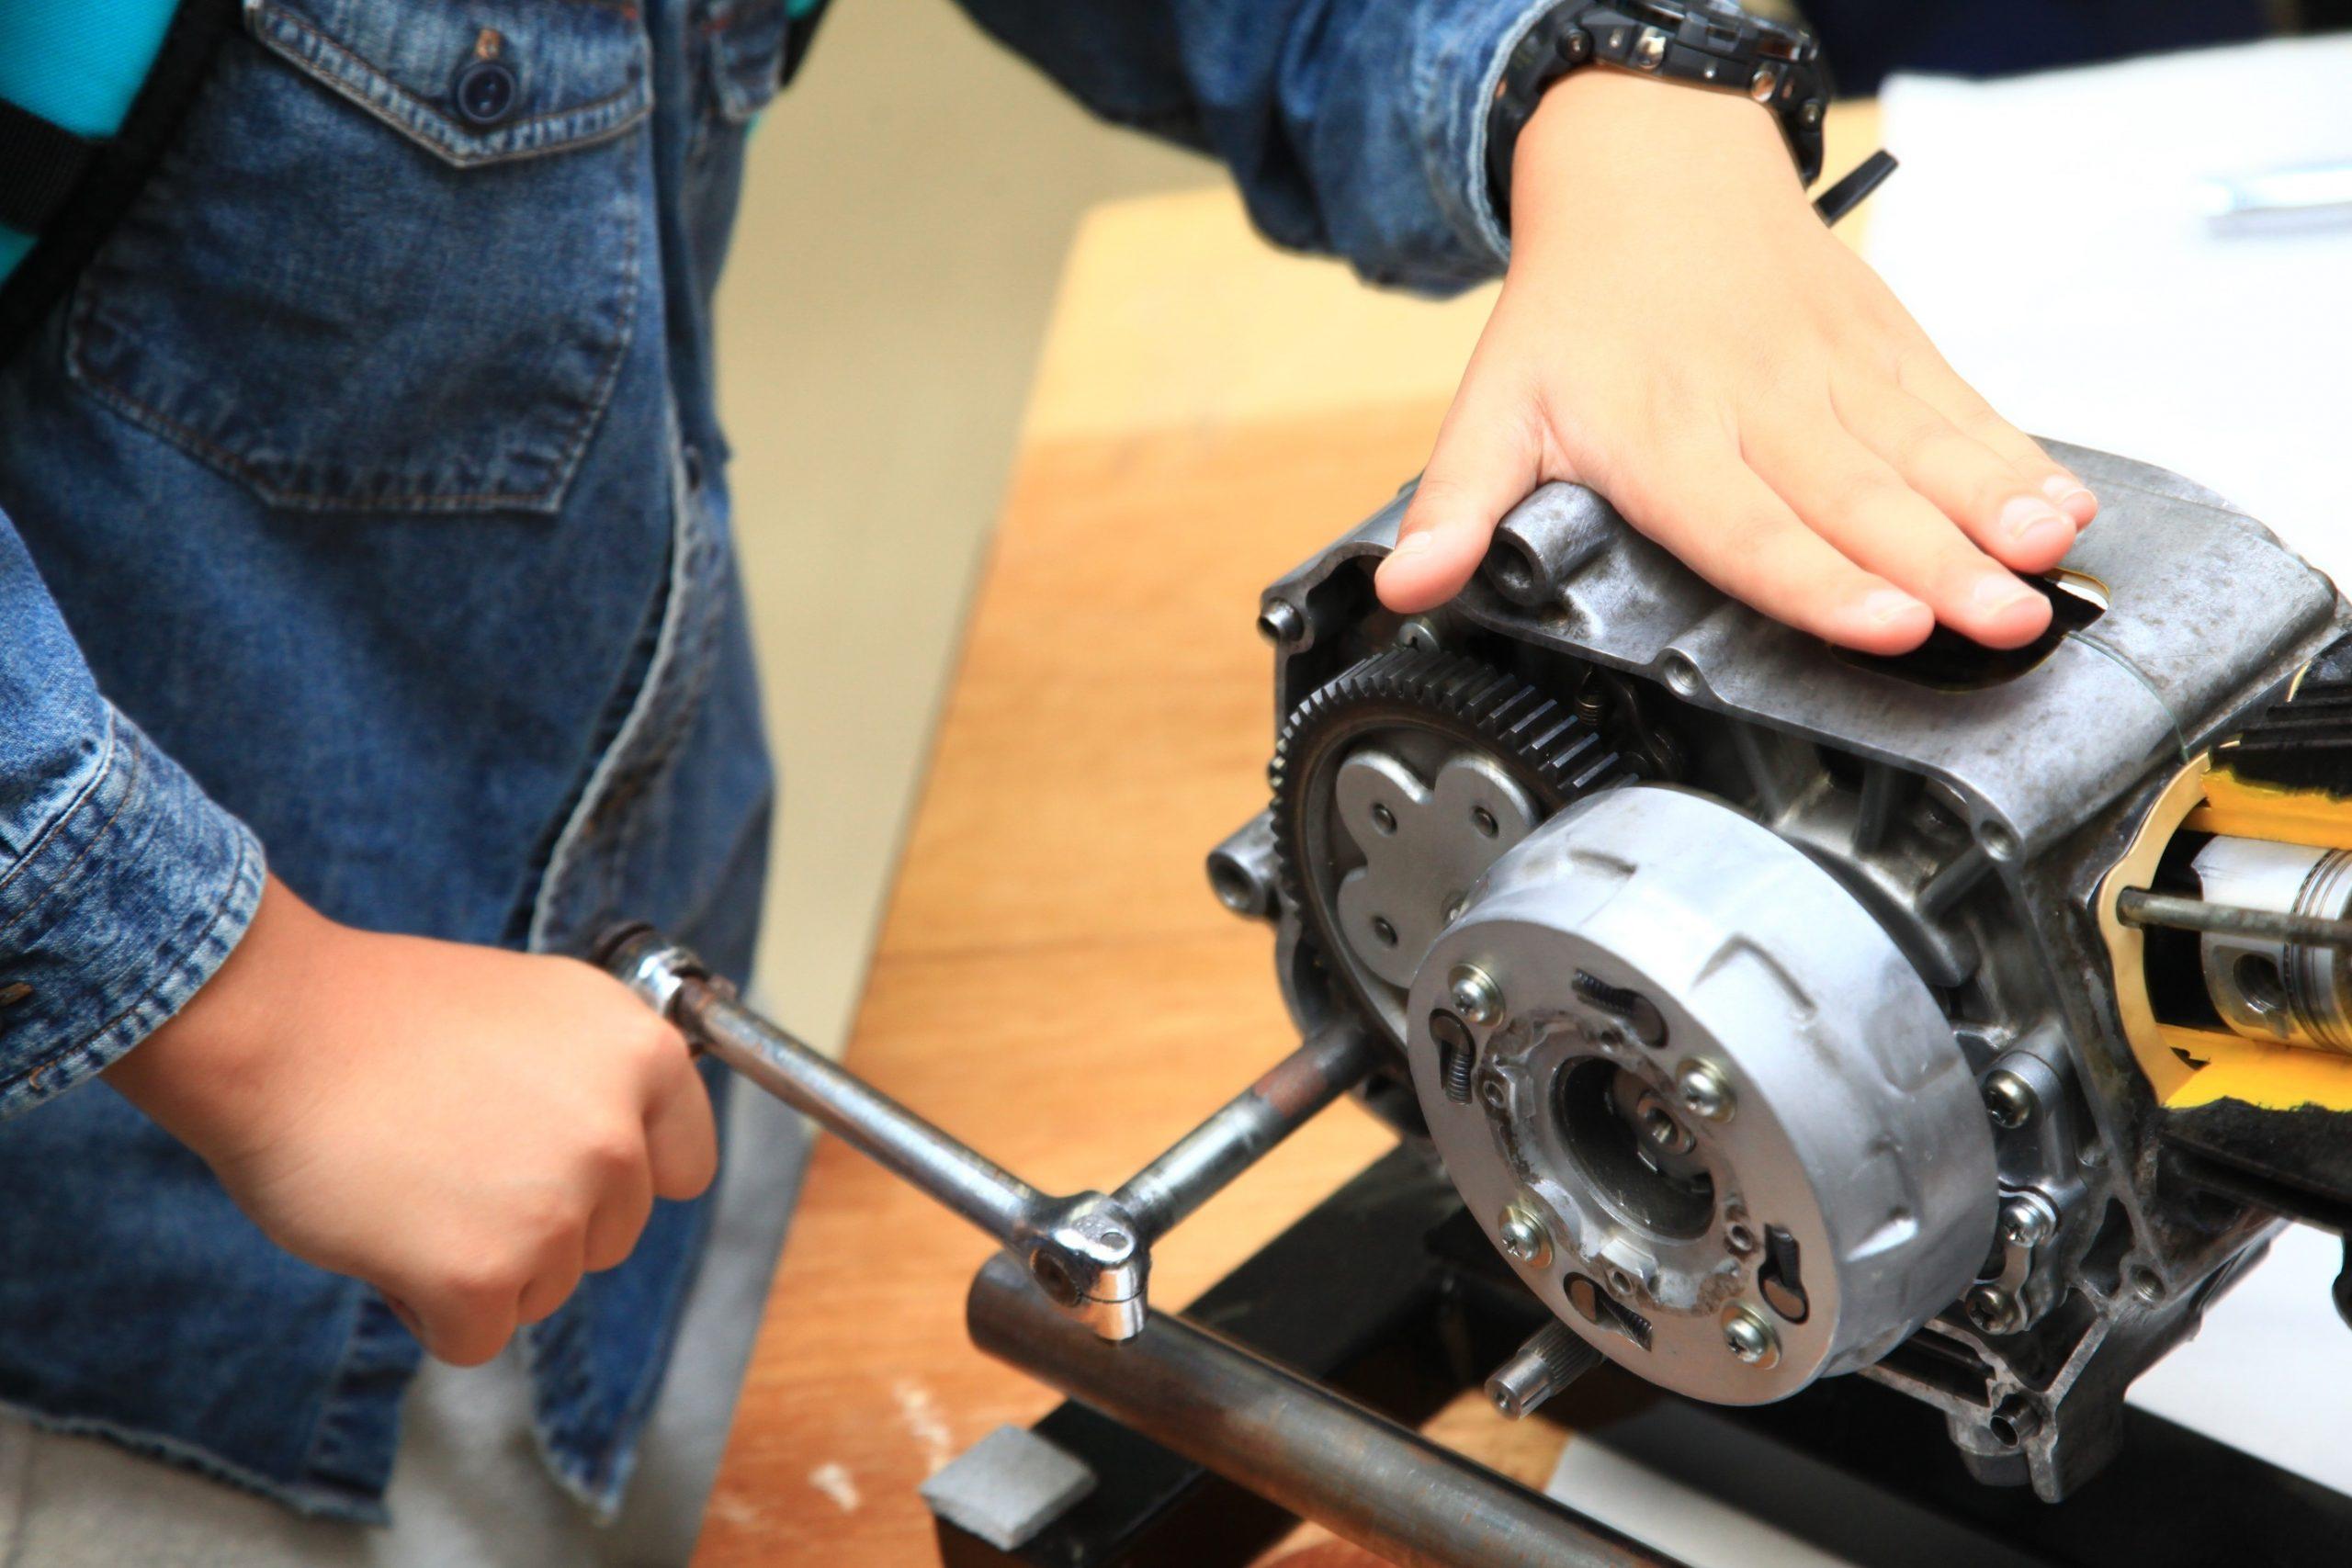 【No.10-1】エンジンの分解・組立を体験してみよう!(名車ホンダスーパーカブ50㏄エンジンに触れて)